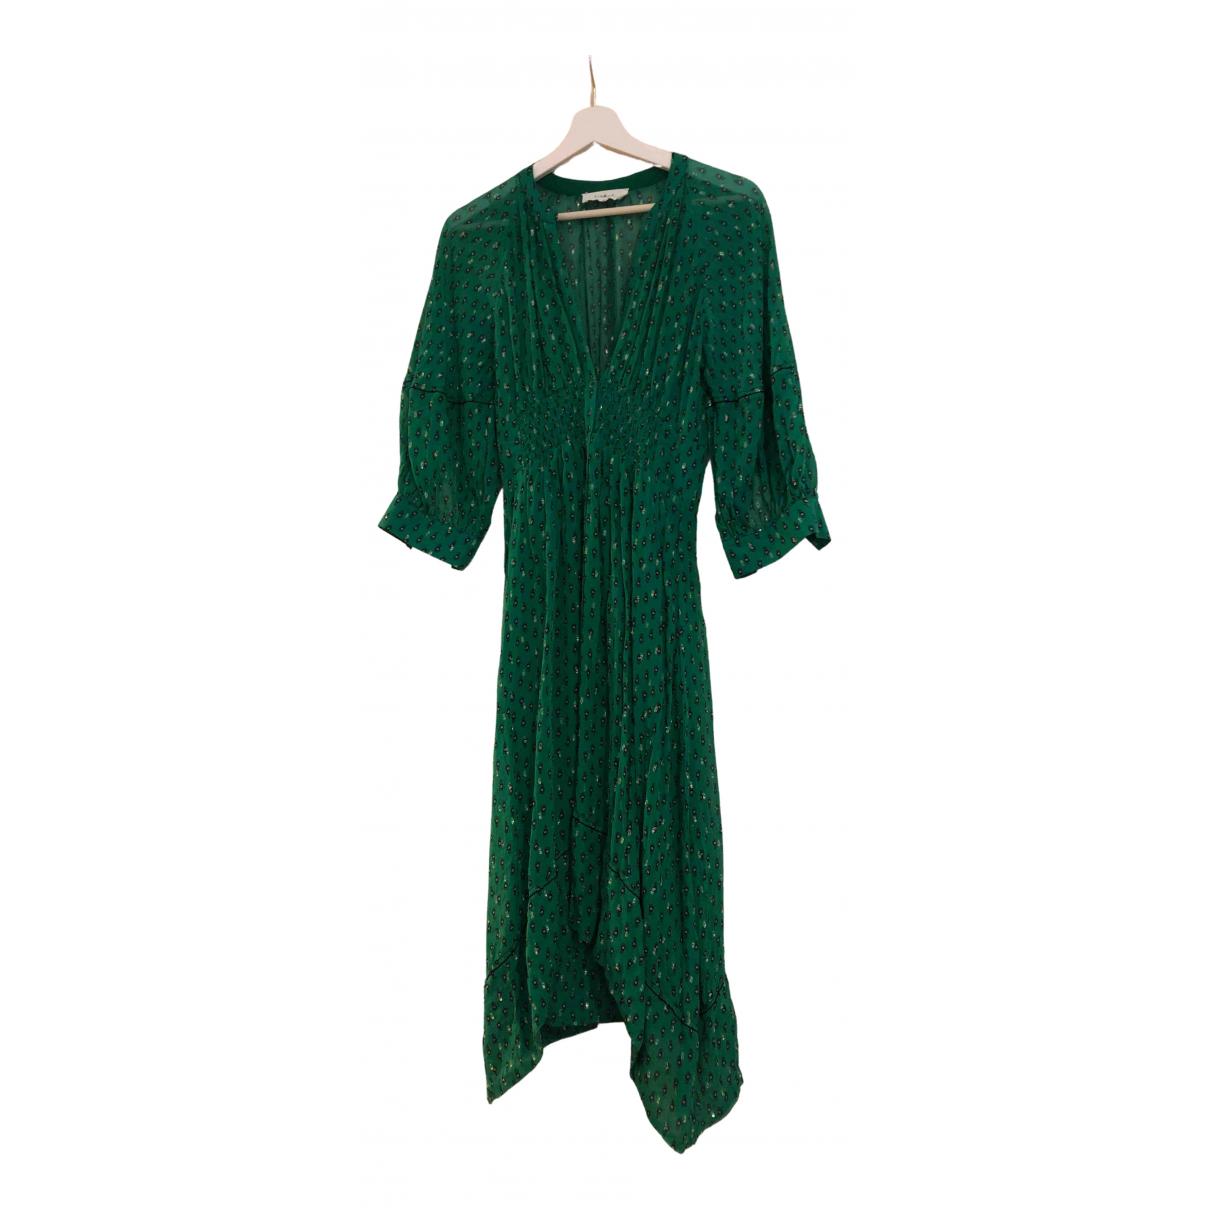 Ba&sh - Robe Fall Winter 2019 pour femme - vert